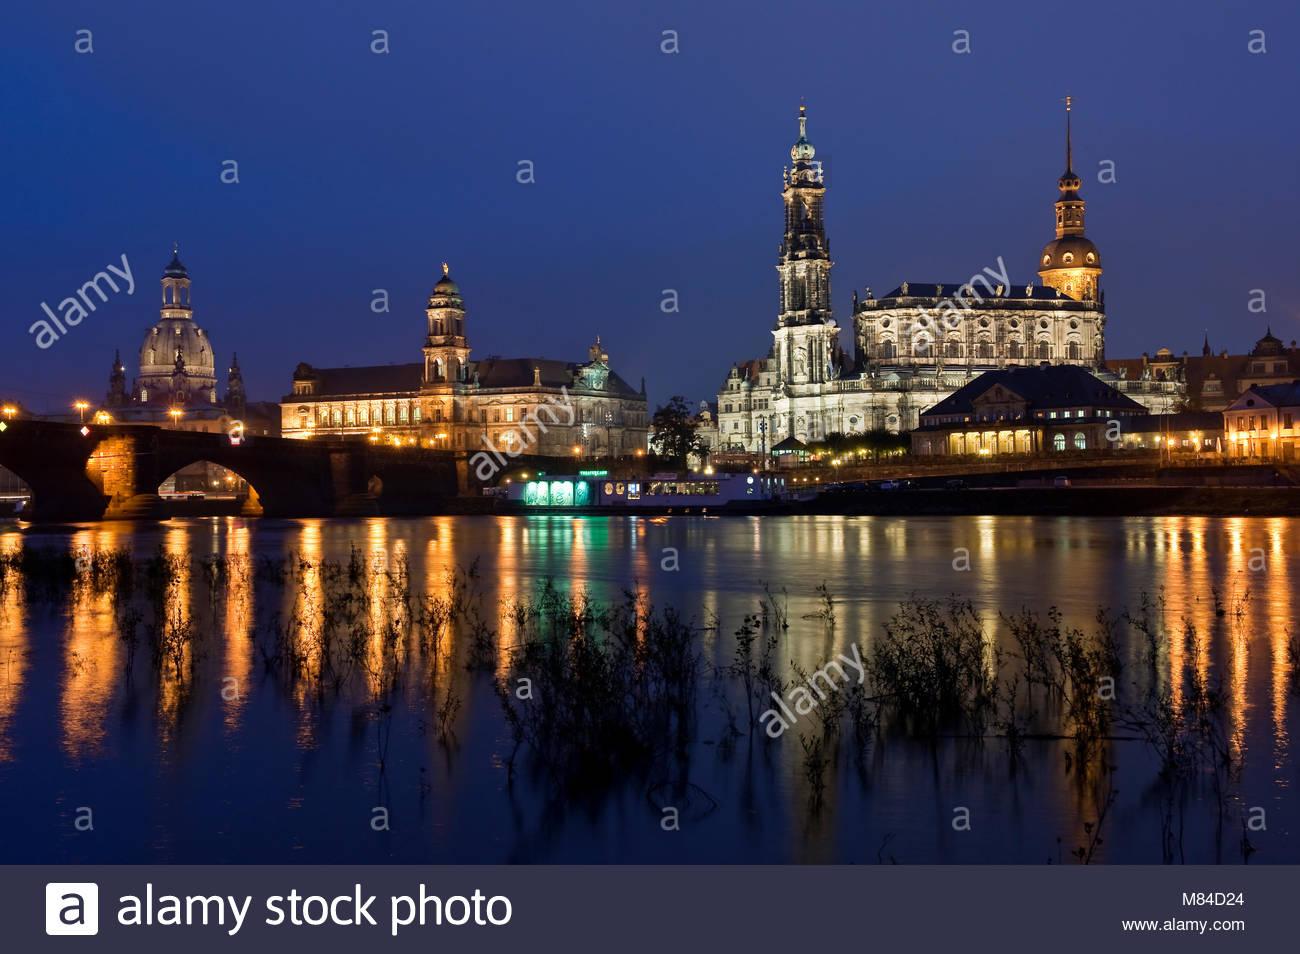 Europa, Deutschland, Dresden, Sachsen, Sachsen. Altstadt - Silhouette mit Dom, Schloss, Secundogenitur, Ständehaus, Stockbild